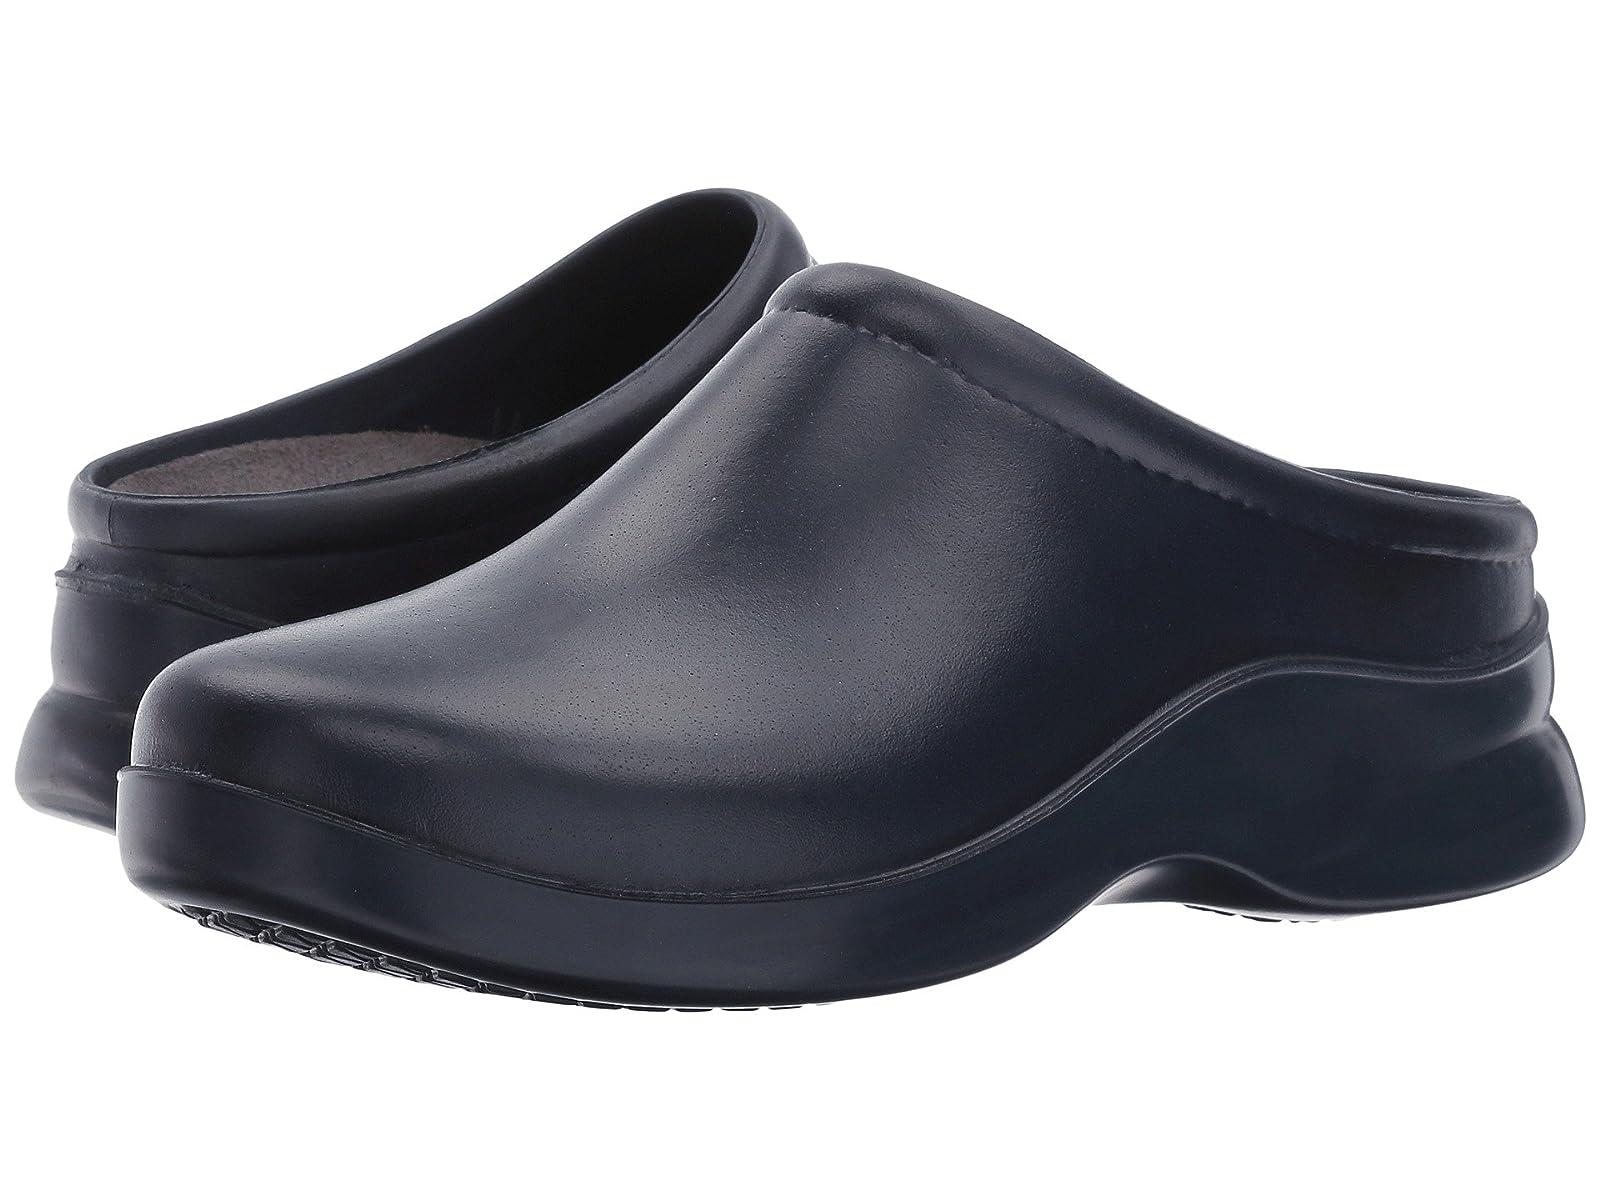 Klogs Footwear DustyAtmospheric grades have affordable shoes